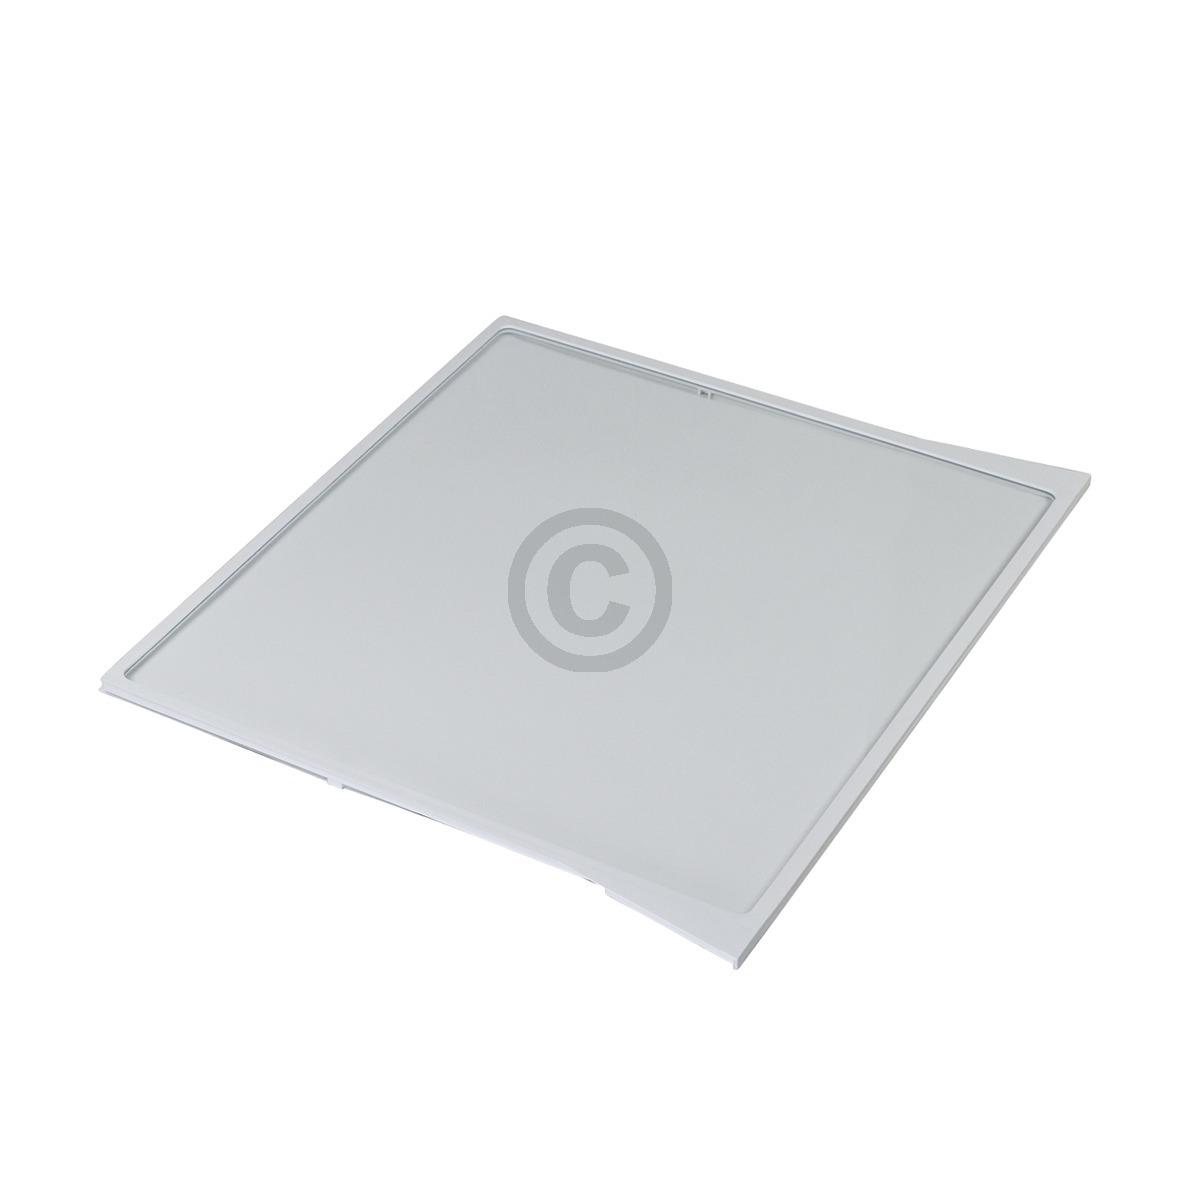 Glasplatte Bosch 00704421 500/455x430mm mit Rahmen für Gemüsefach Kühlschrank